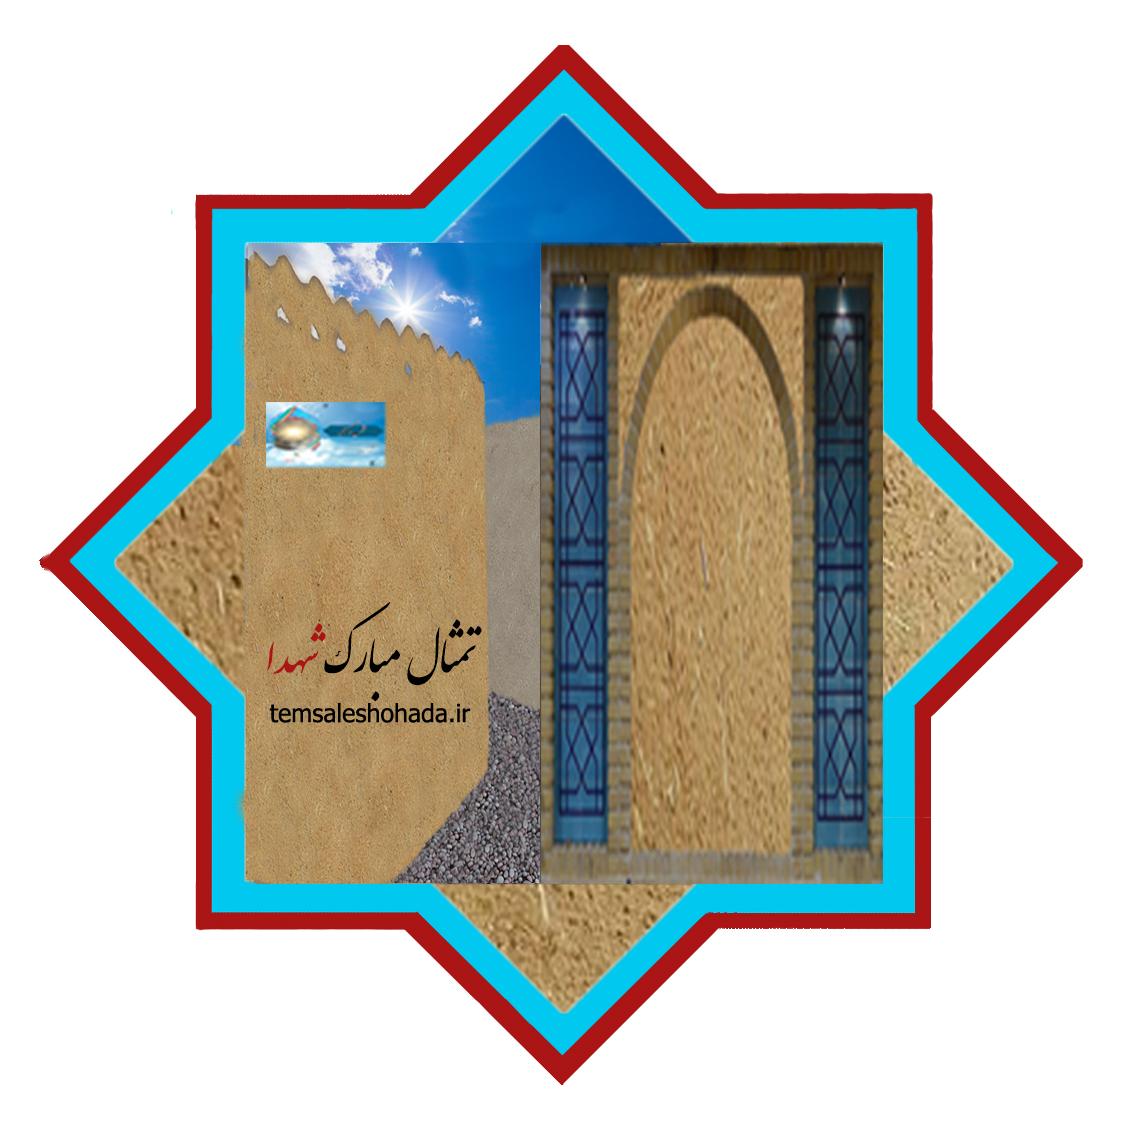 تمثال مبارک شهدا در سراسر کشور اسلامی ایران-